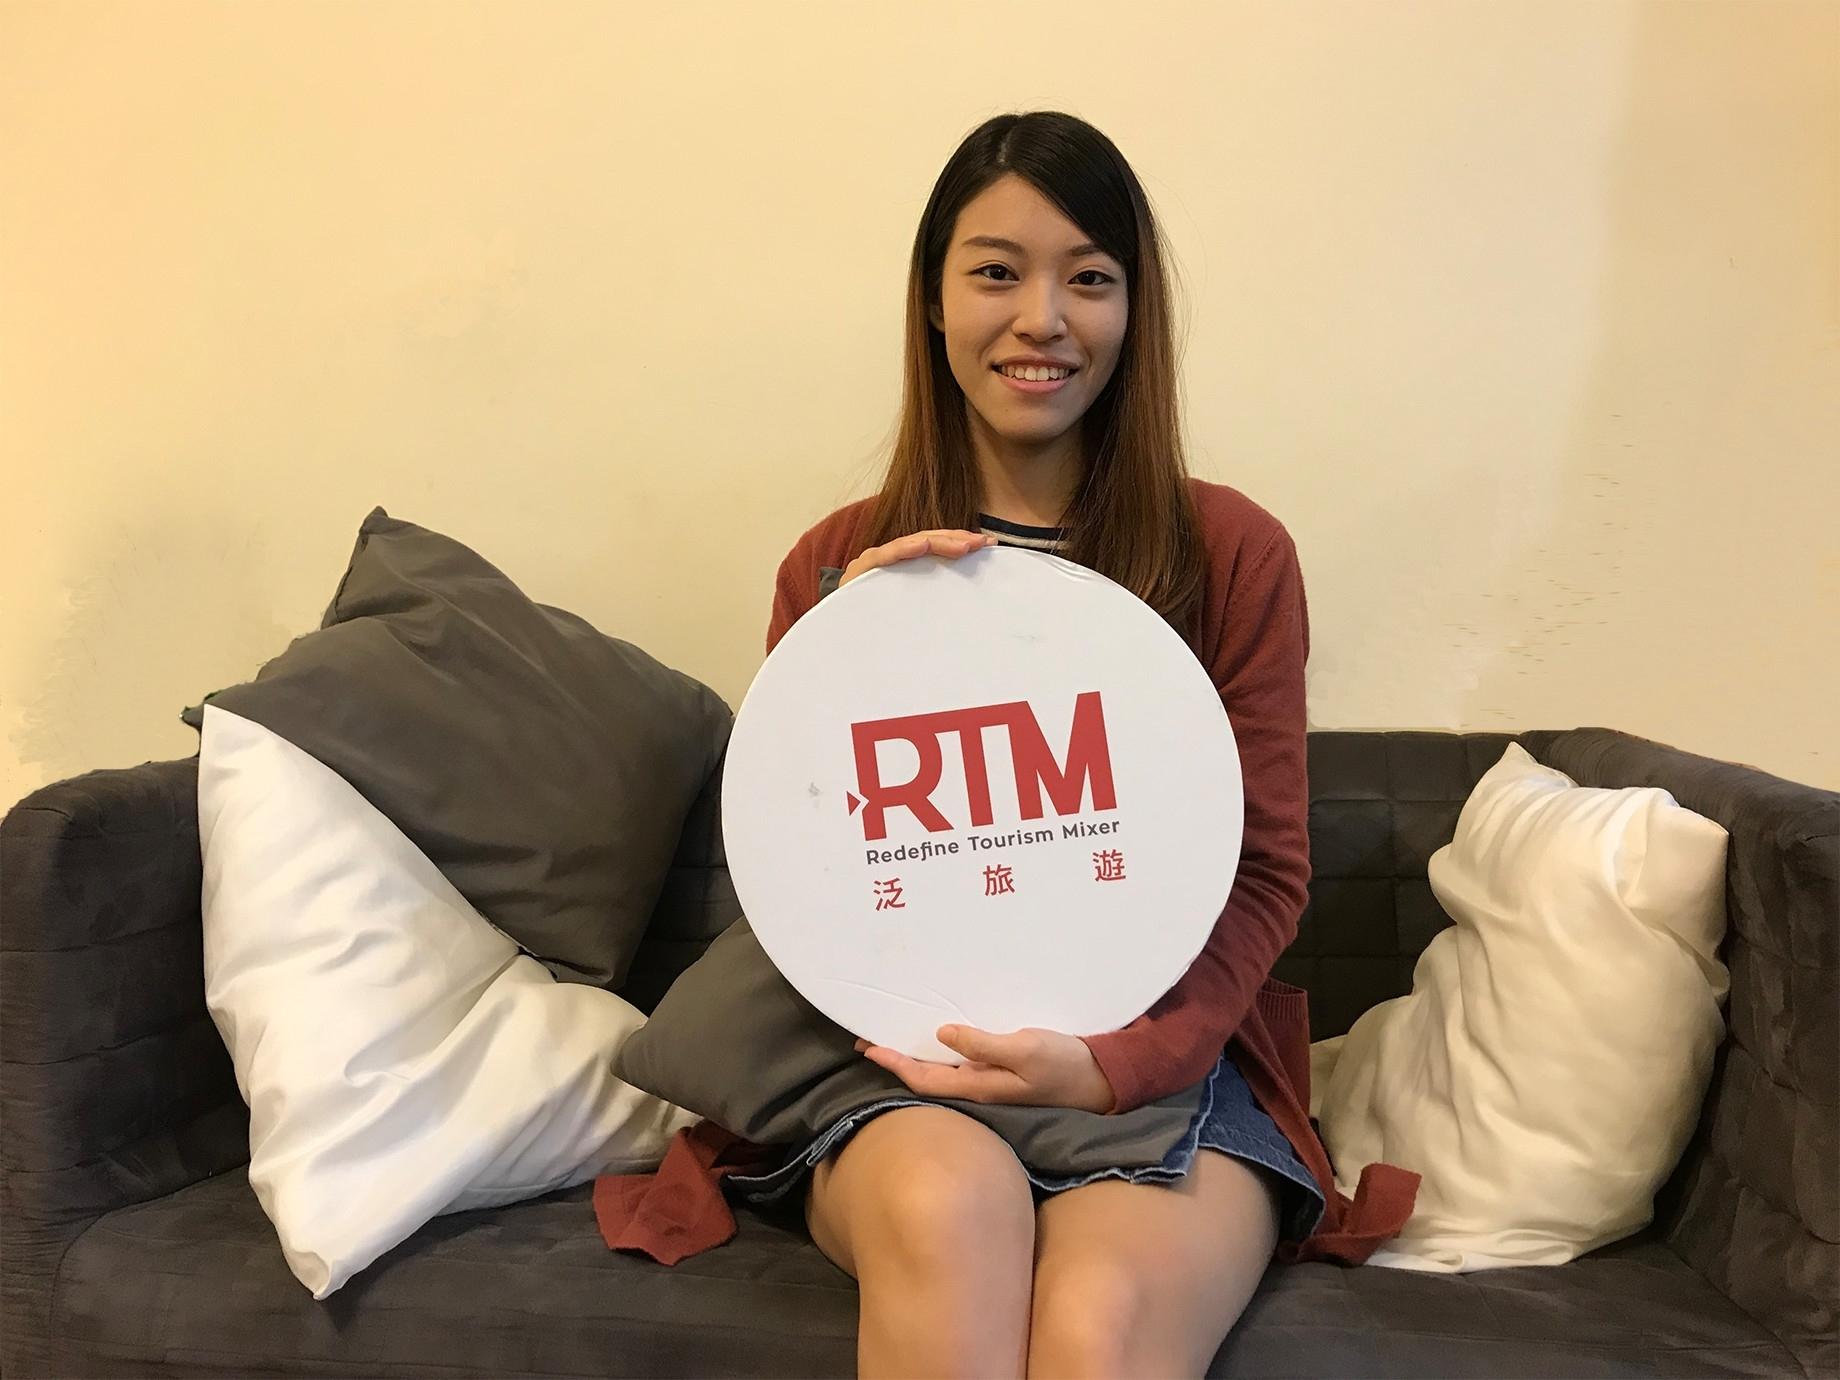 工作分享》陳怡文(泛旅遊RTM執秘經理):把工作看成養成自己,會讓人不斷地想要更多